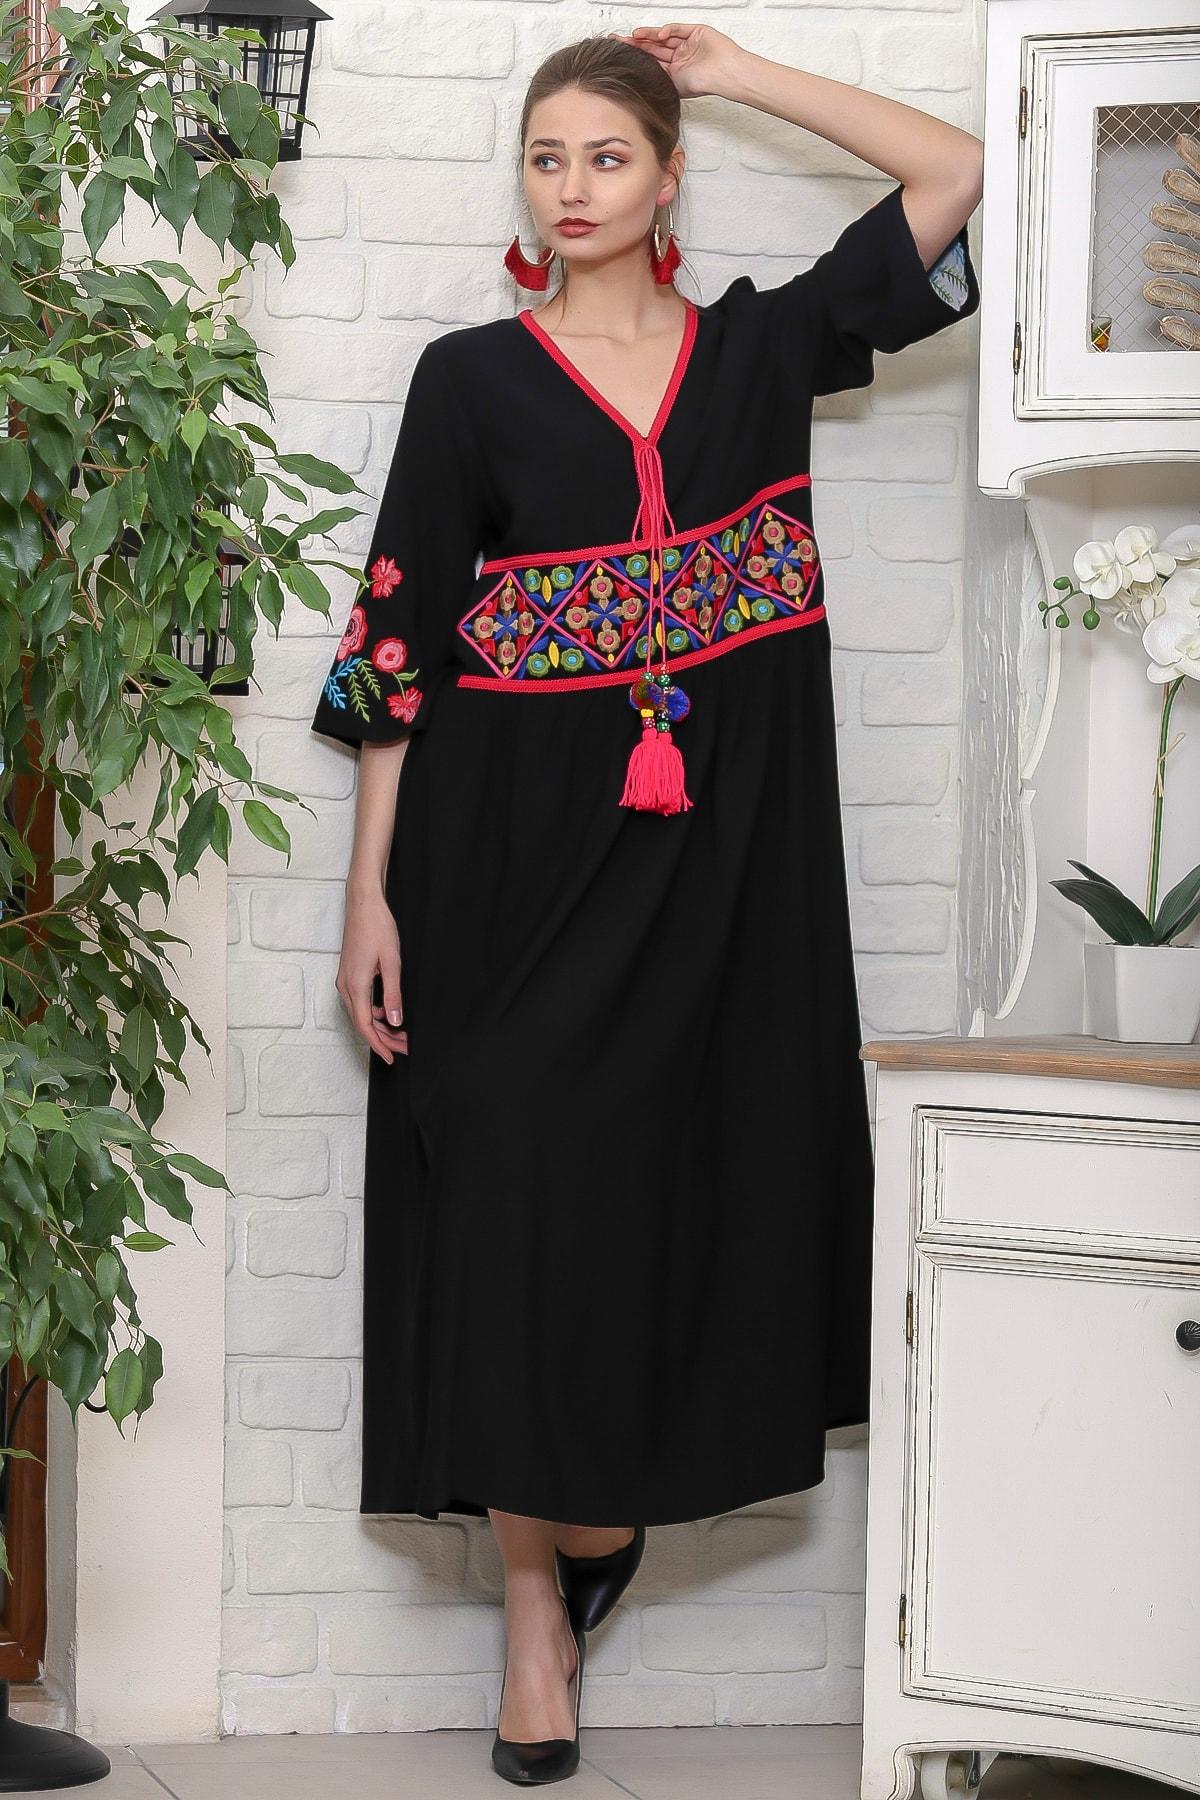 Chiccy Kadın Siyah Beli Ve Kolları Nakışlı Ponponlu Bağcıklı Salaş Dokuma Elbise M10160000EL95920